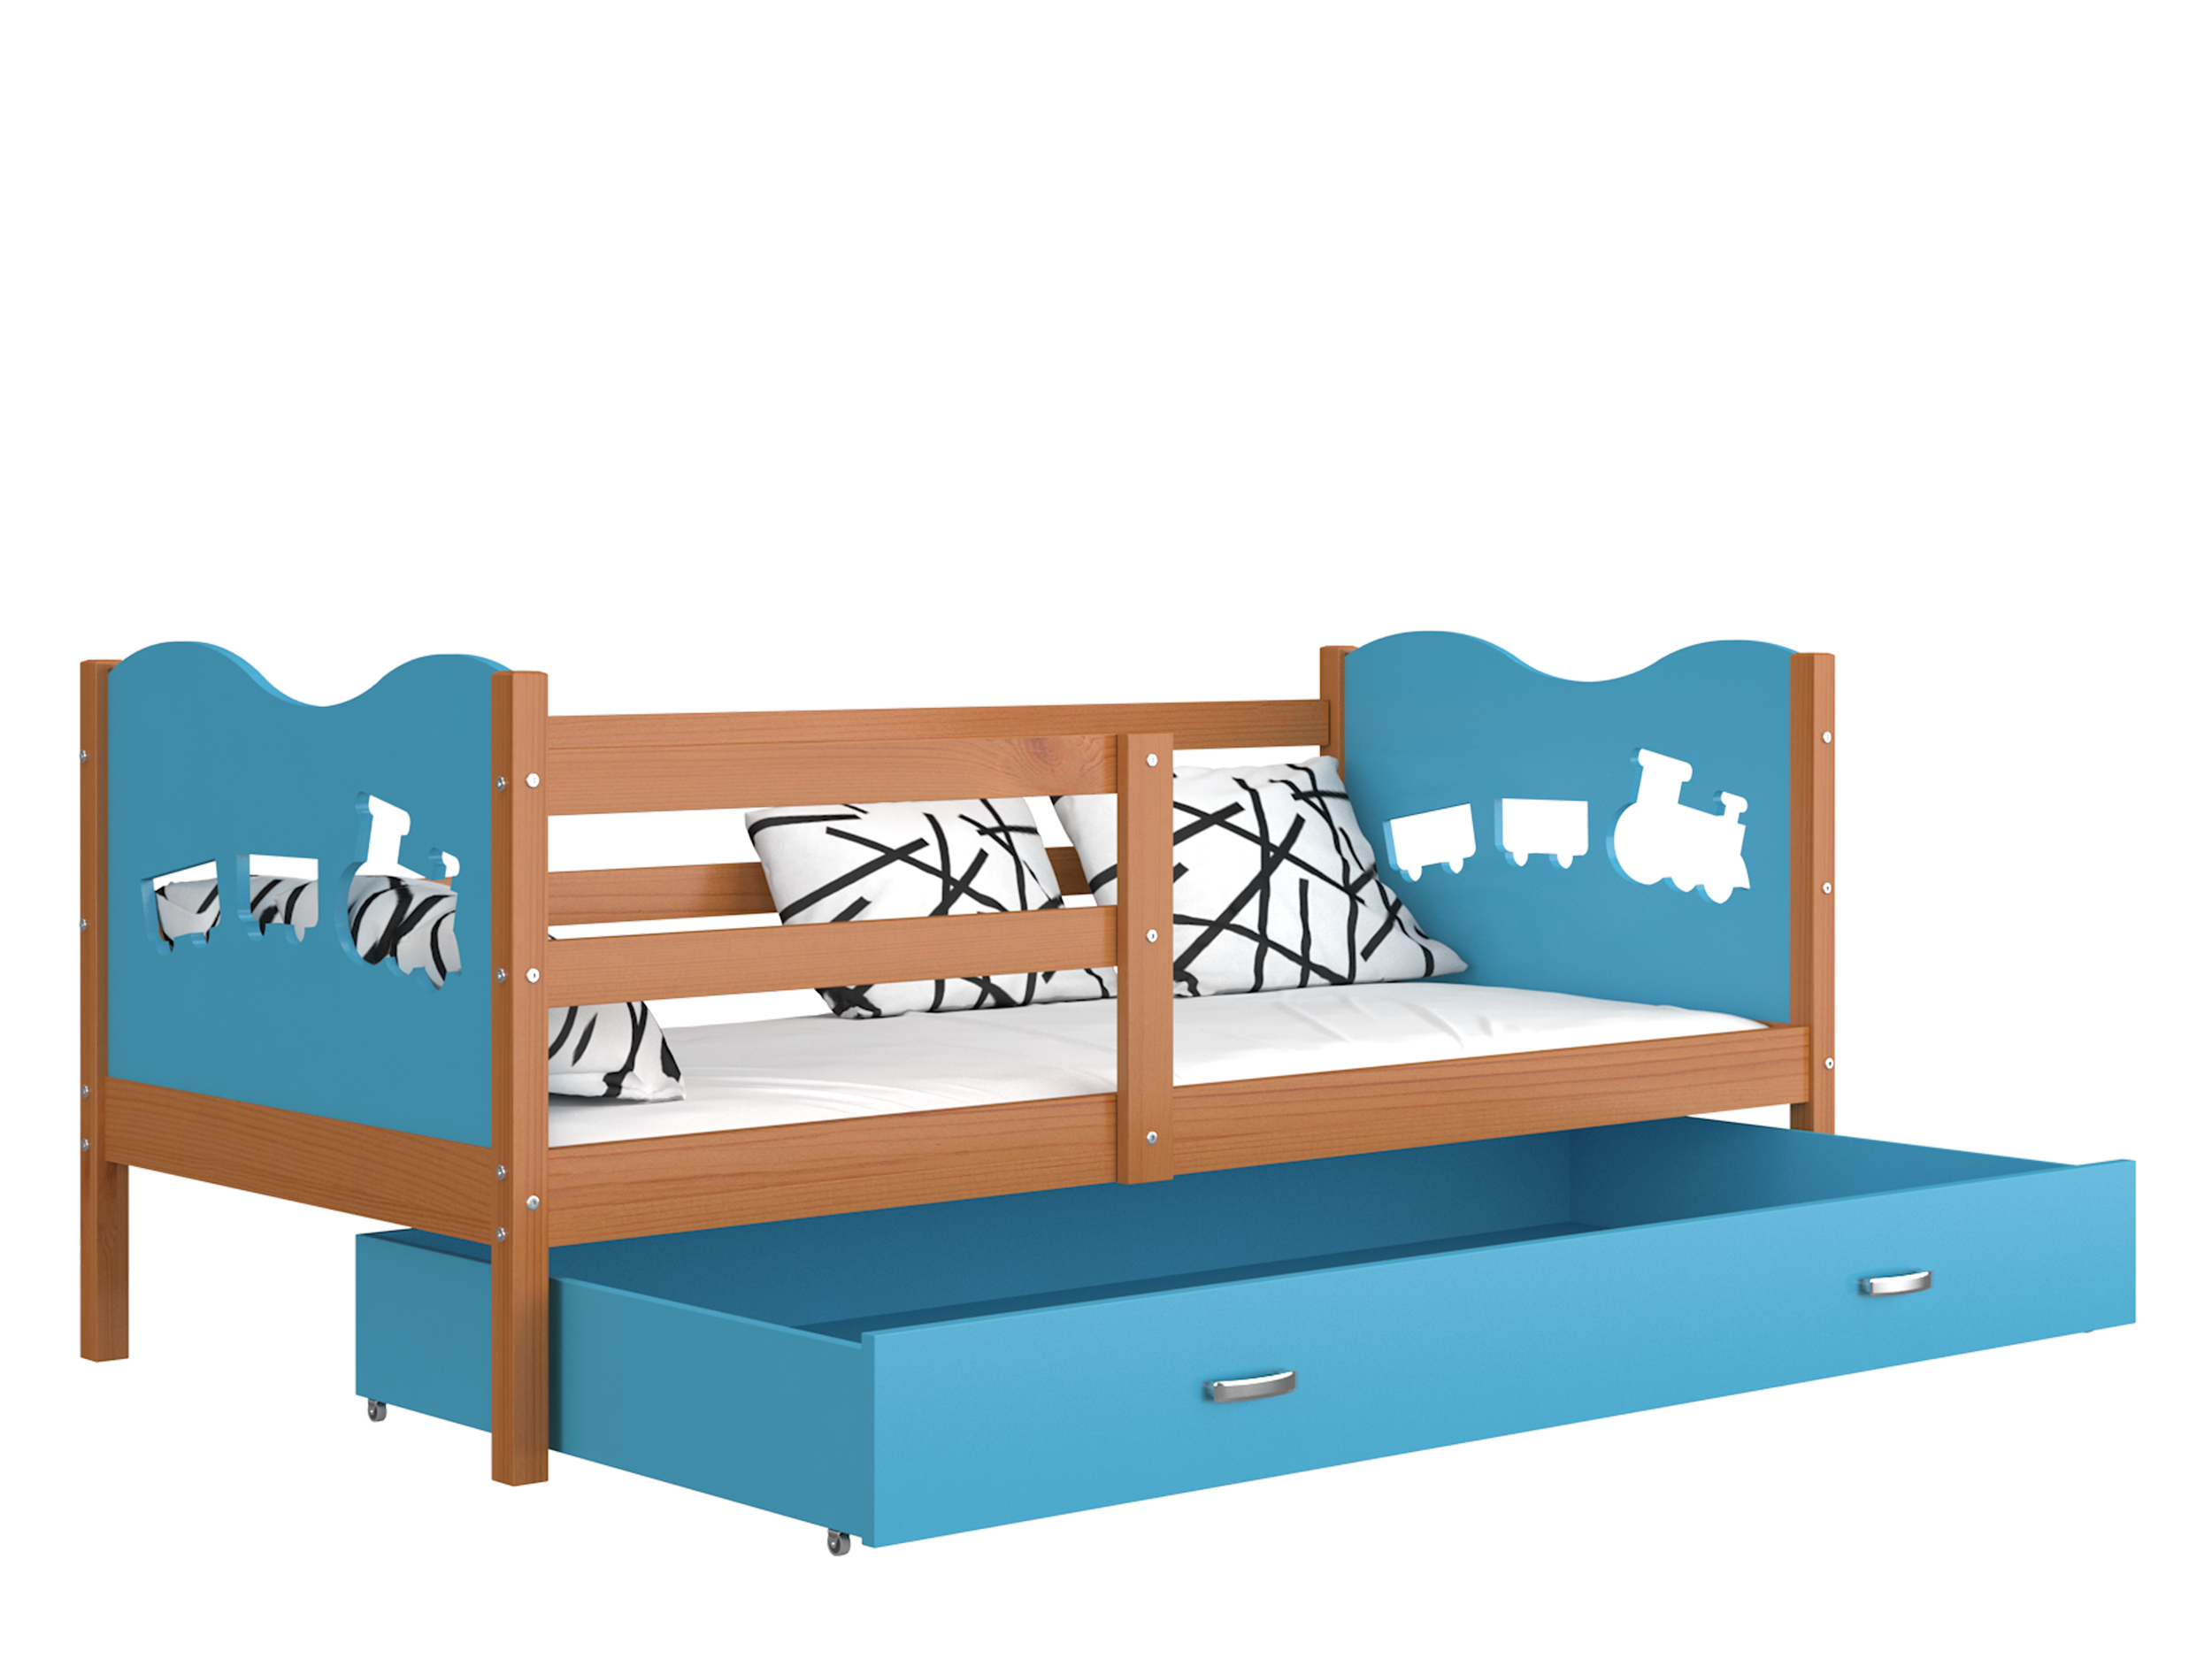 ArtAJ Detská posteľ MAX P drevo / MDF 160 x 80 cm Farba: jelša / modrá 160 x 80 cm, s matracom